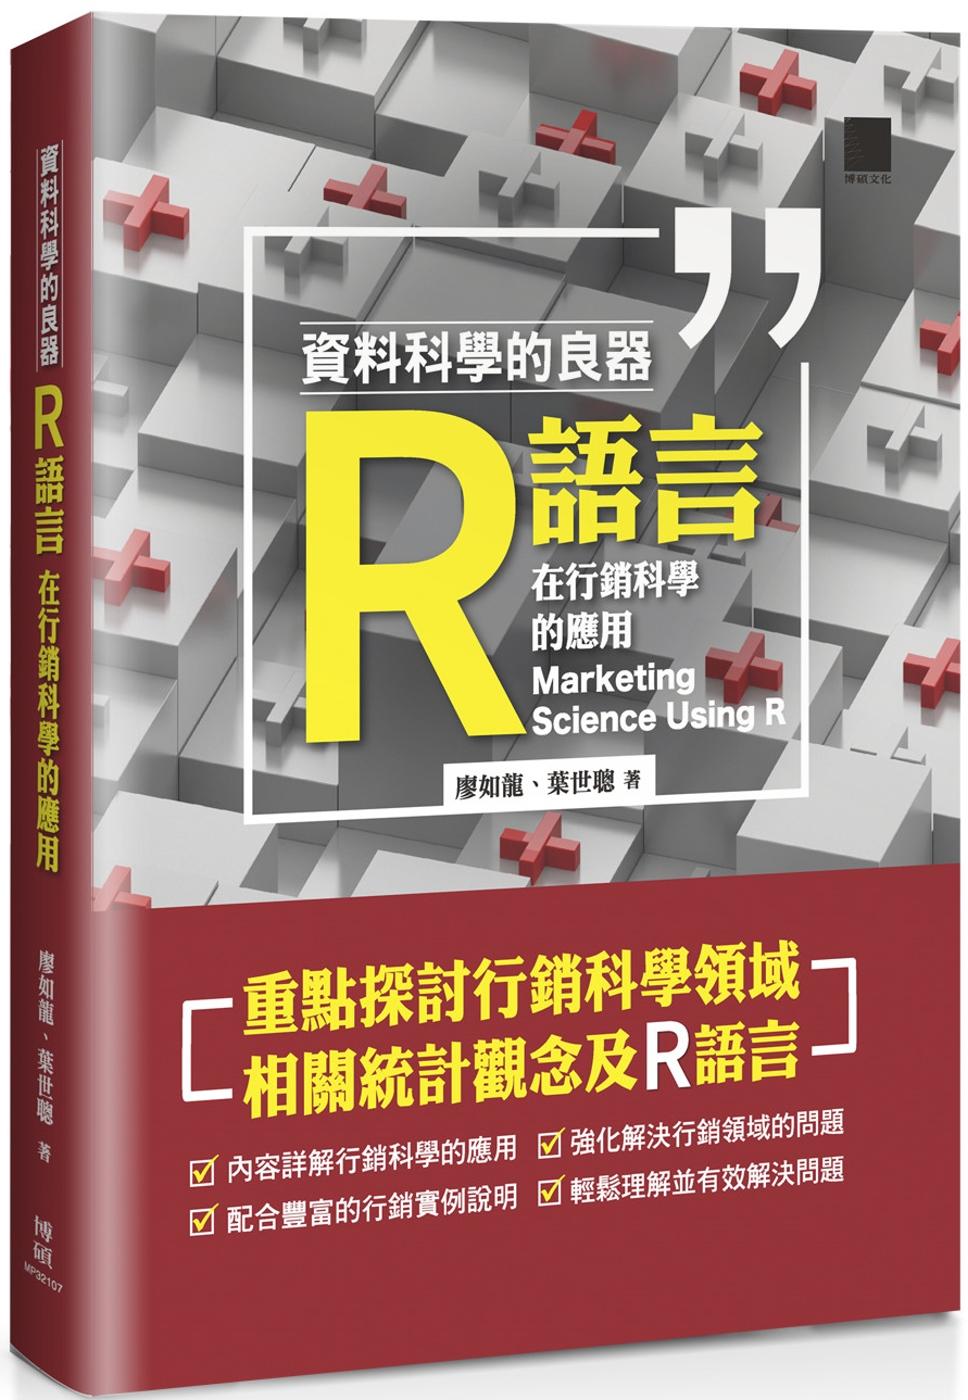 資料科學的良器:R語言在行銷科...